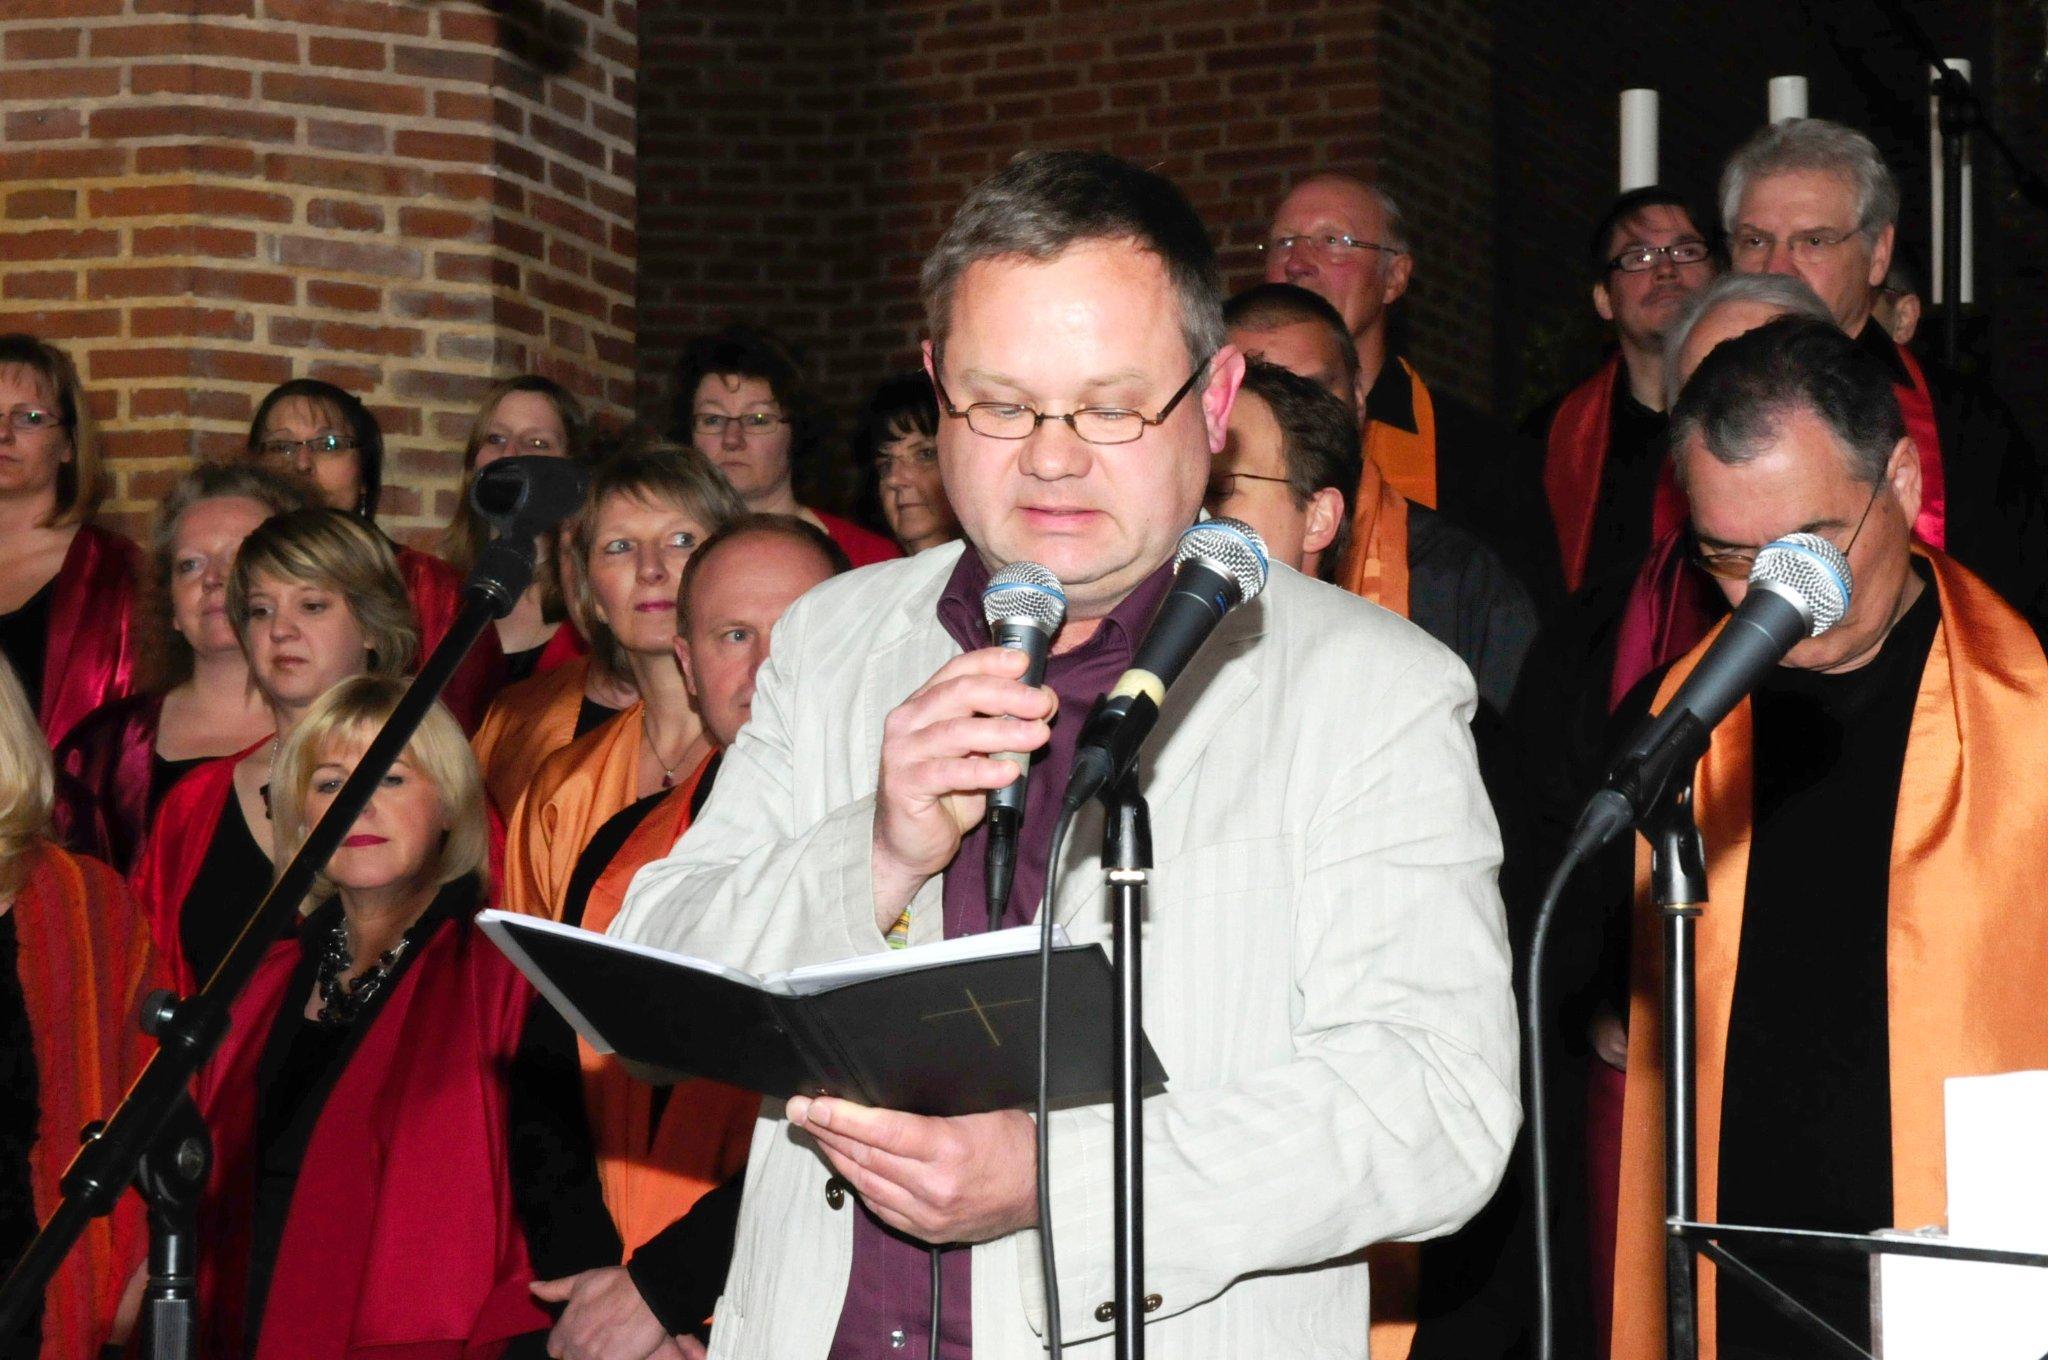 20120422 Reformations Gedaechtniskirche 33